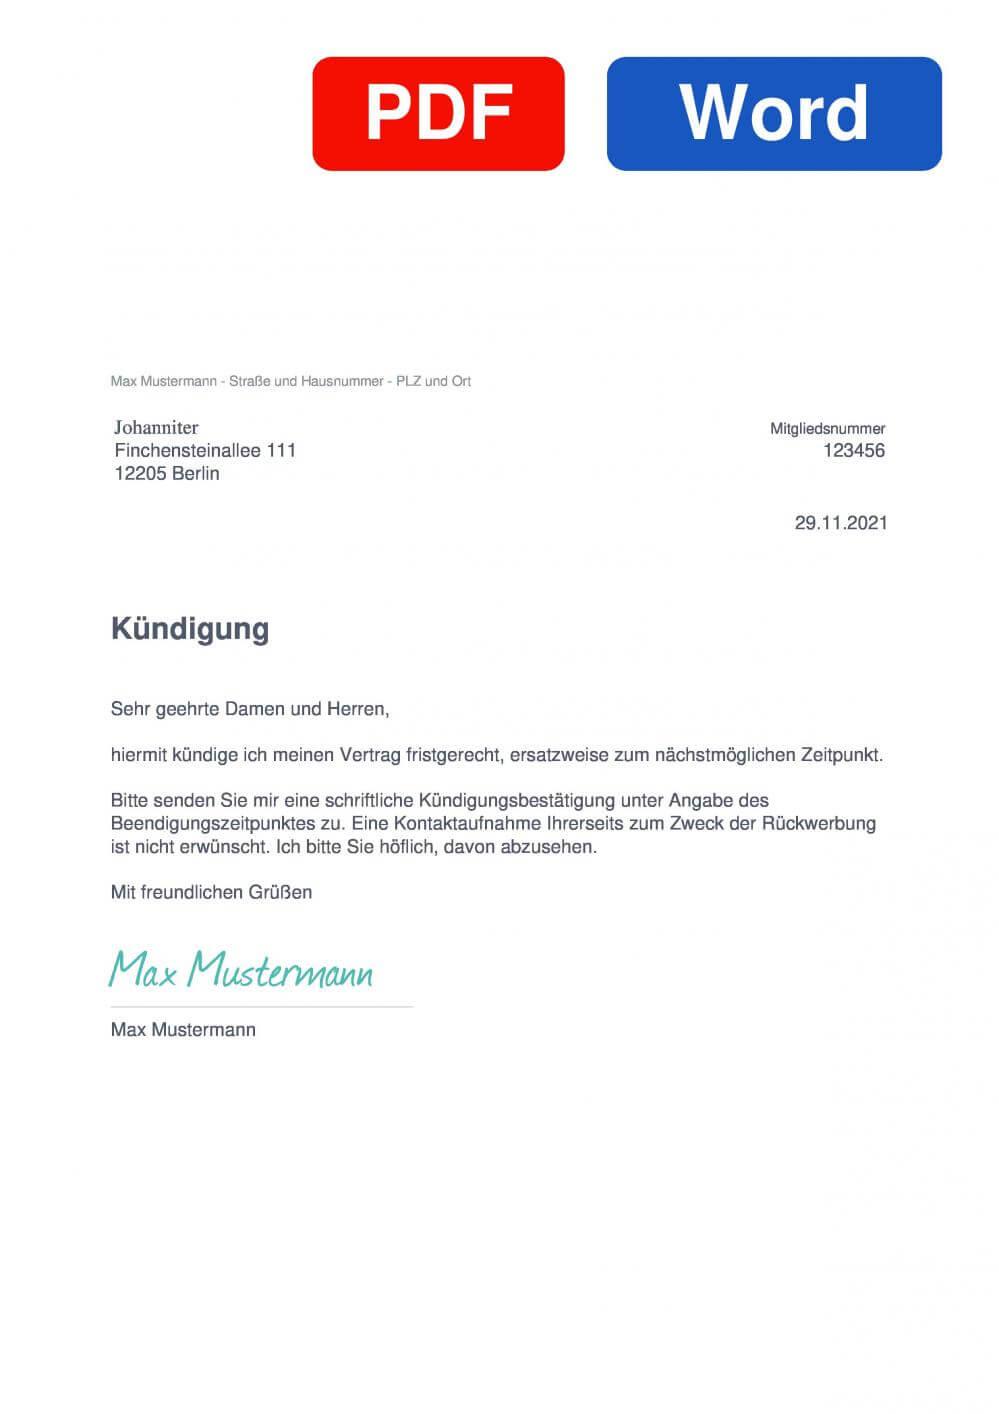 Die Johanniter Muster Vorlage für Kündigungsschreiben